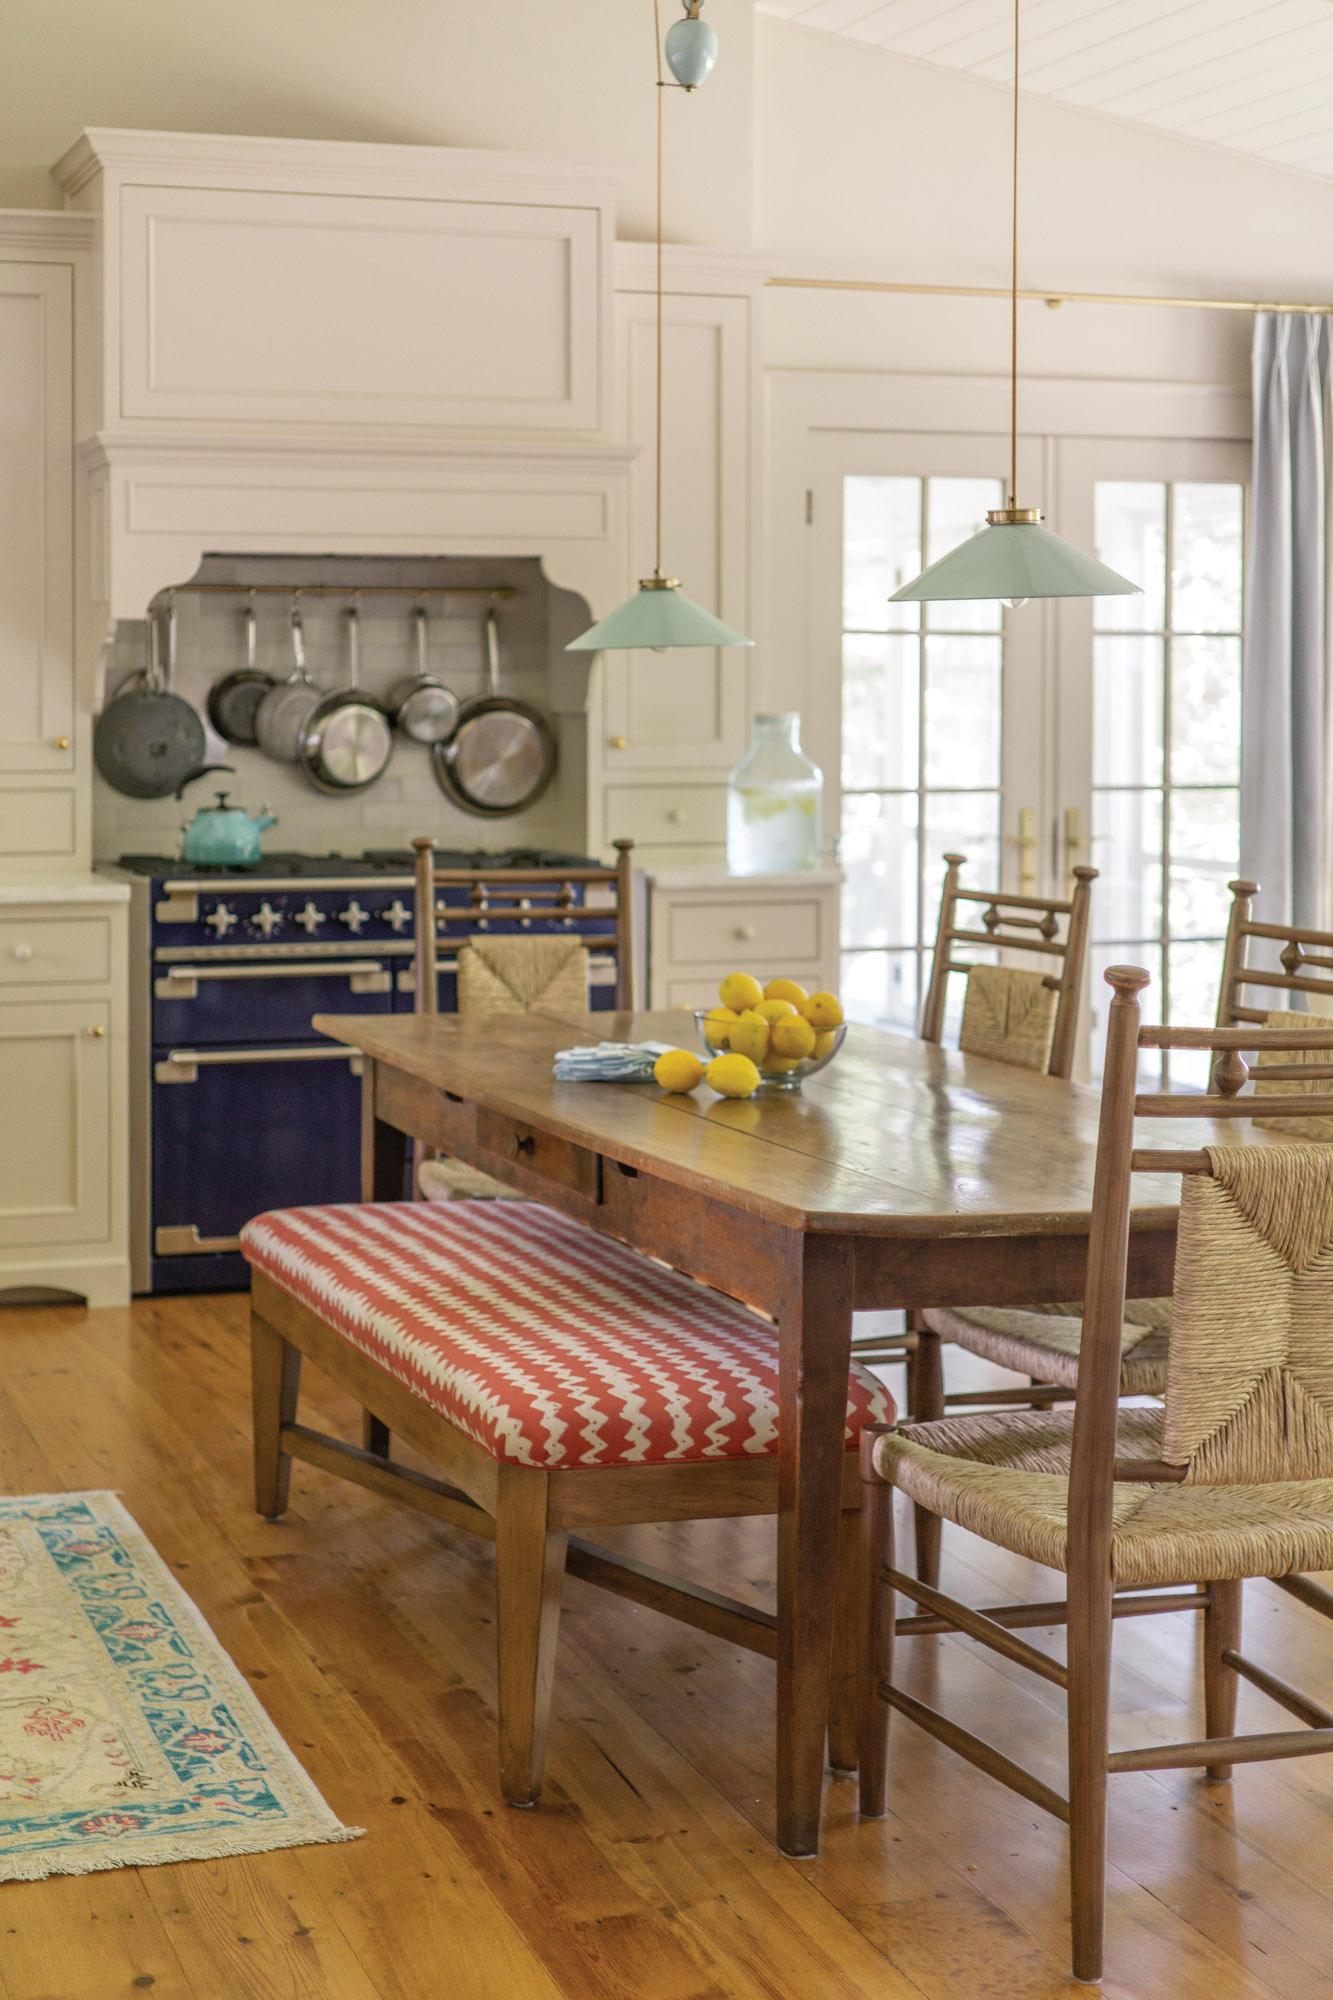 navy blue-enameled stove